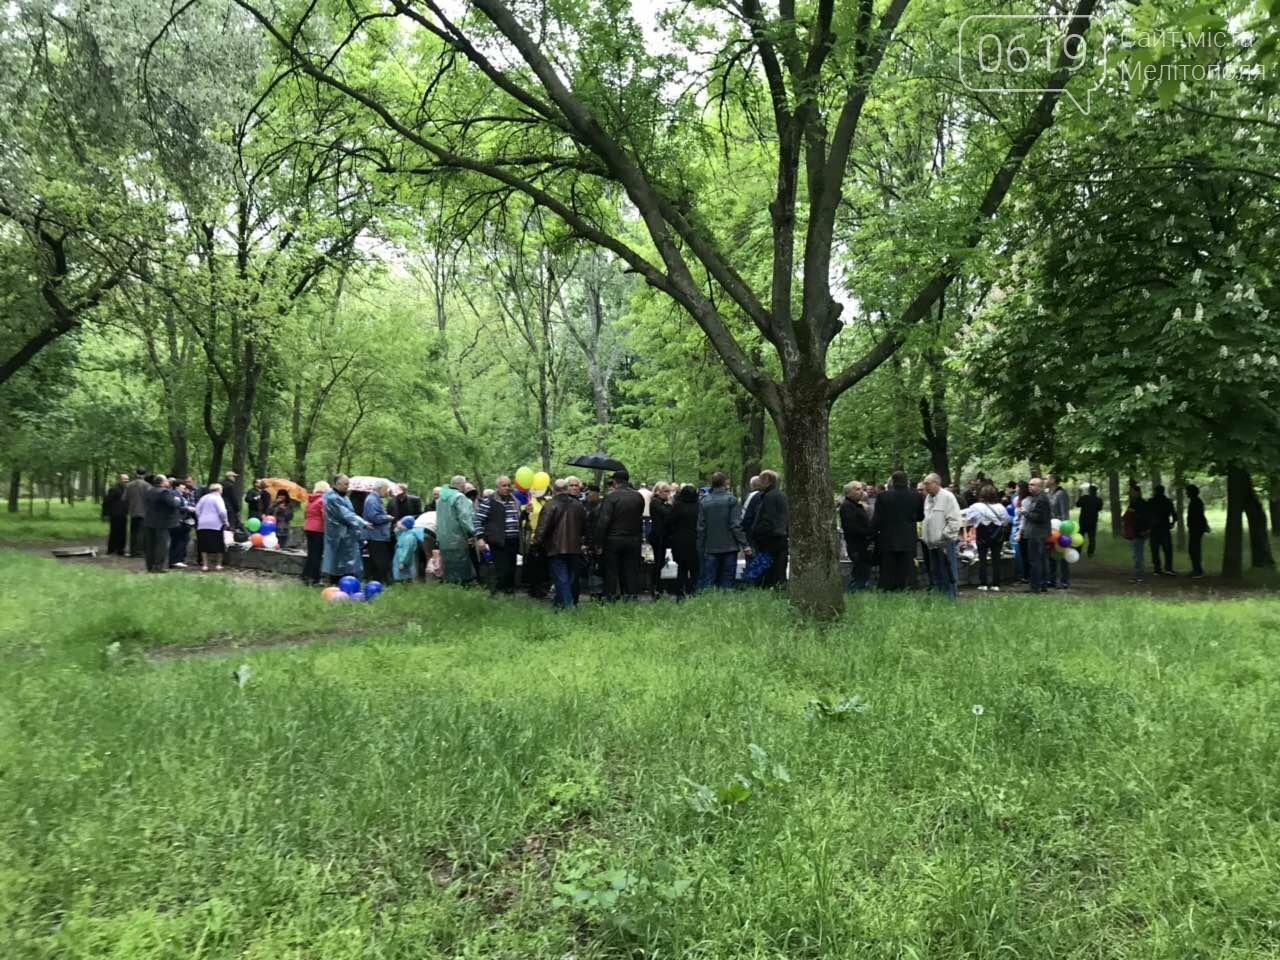 Мелитопольцы продолжают праздновать День Победы в городском парке, фото-5